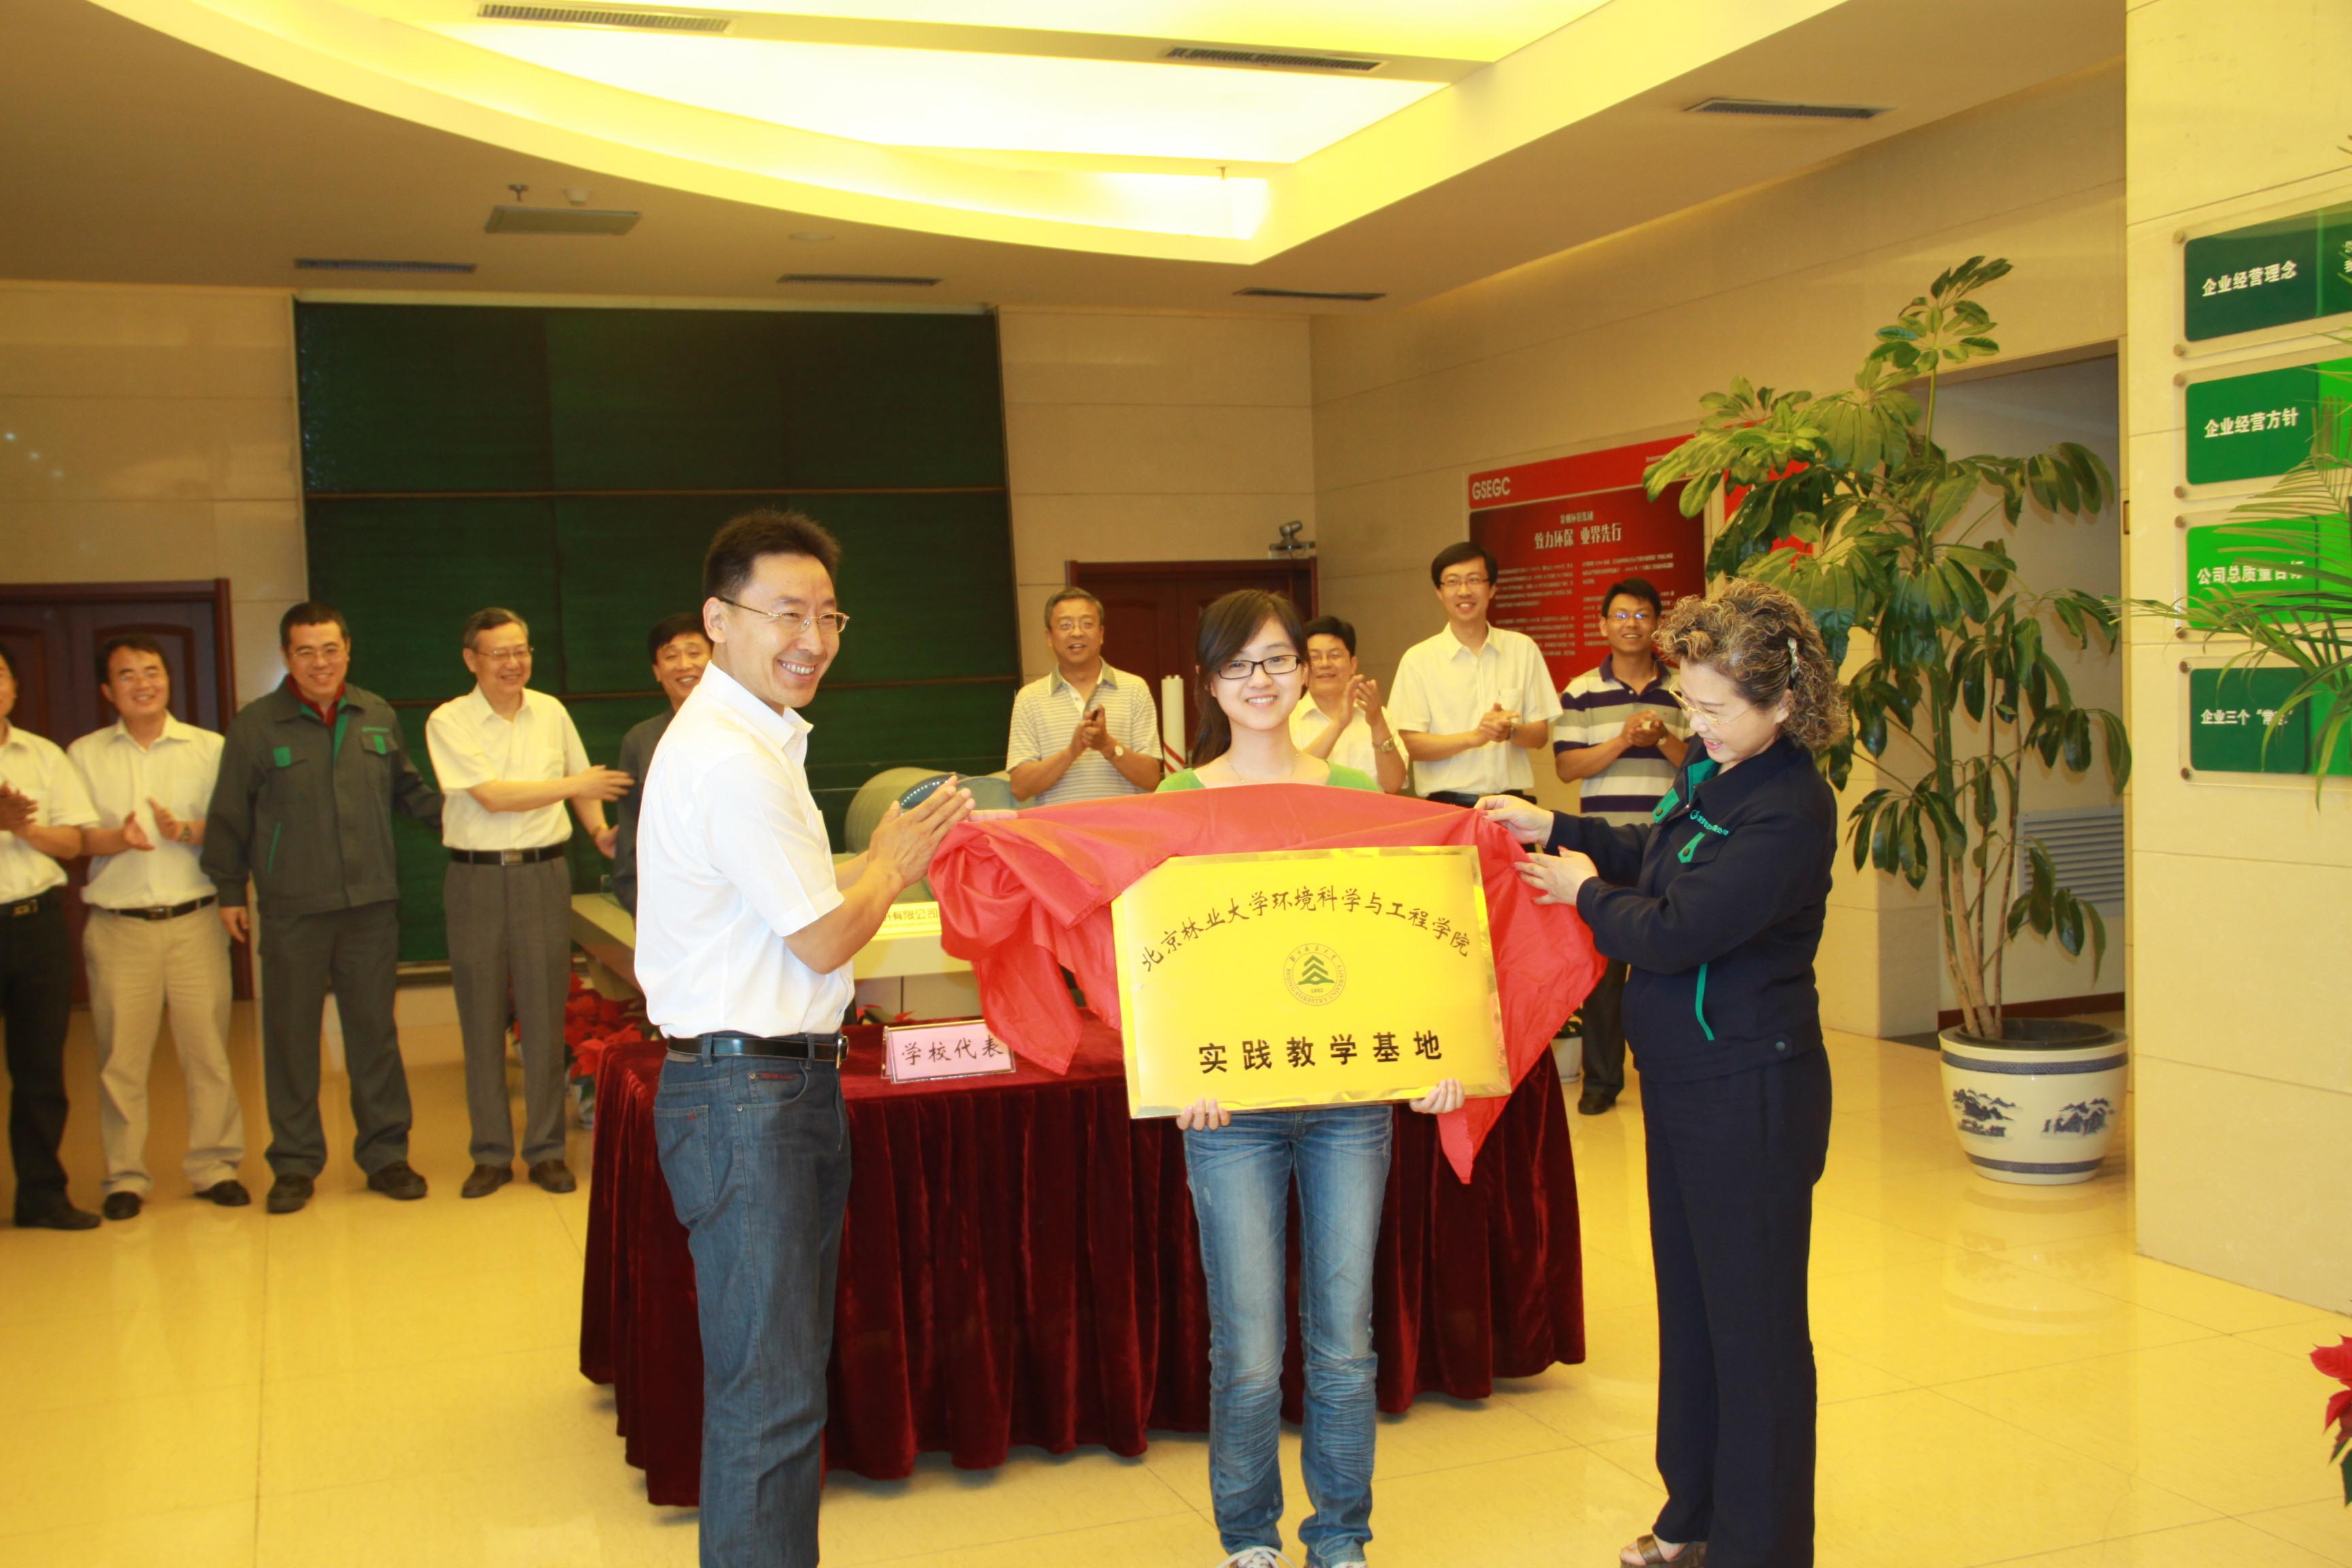 姜恩来副校长参加我院教学实践基地揭牌